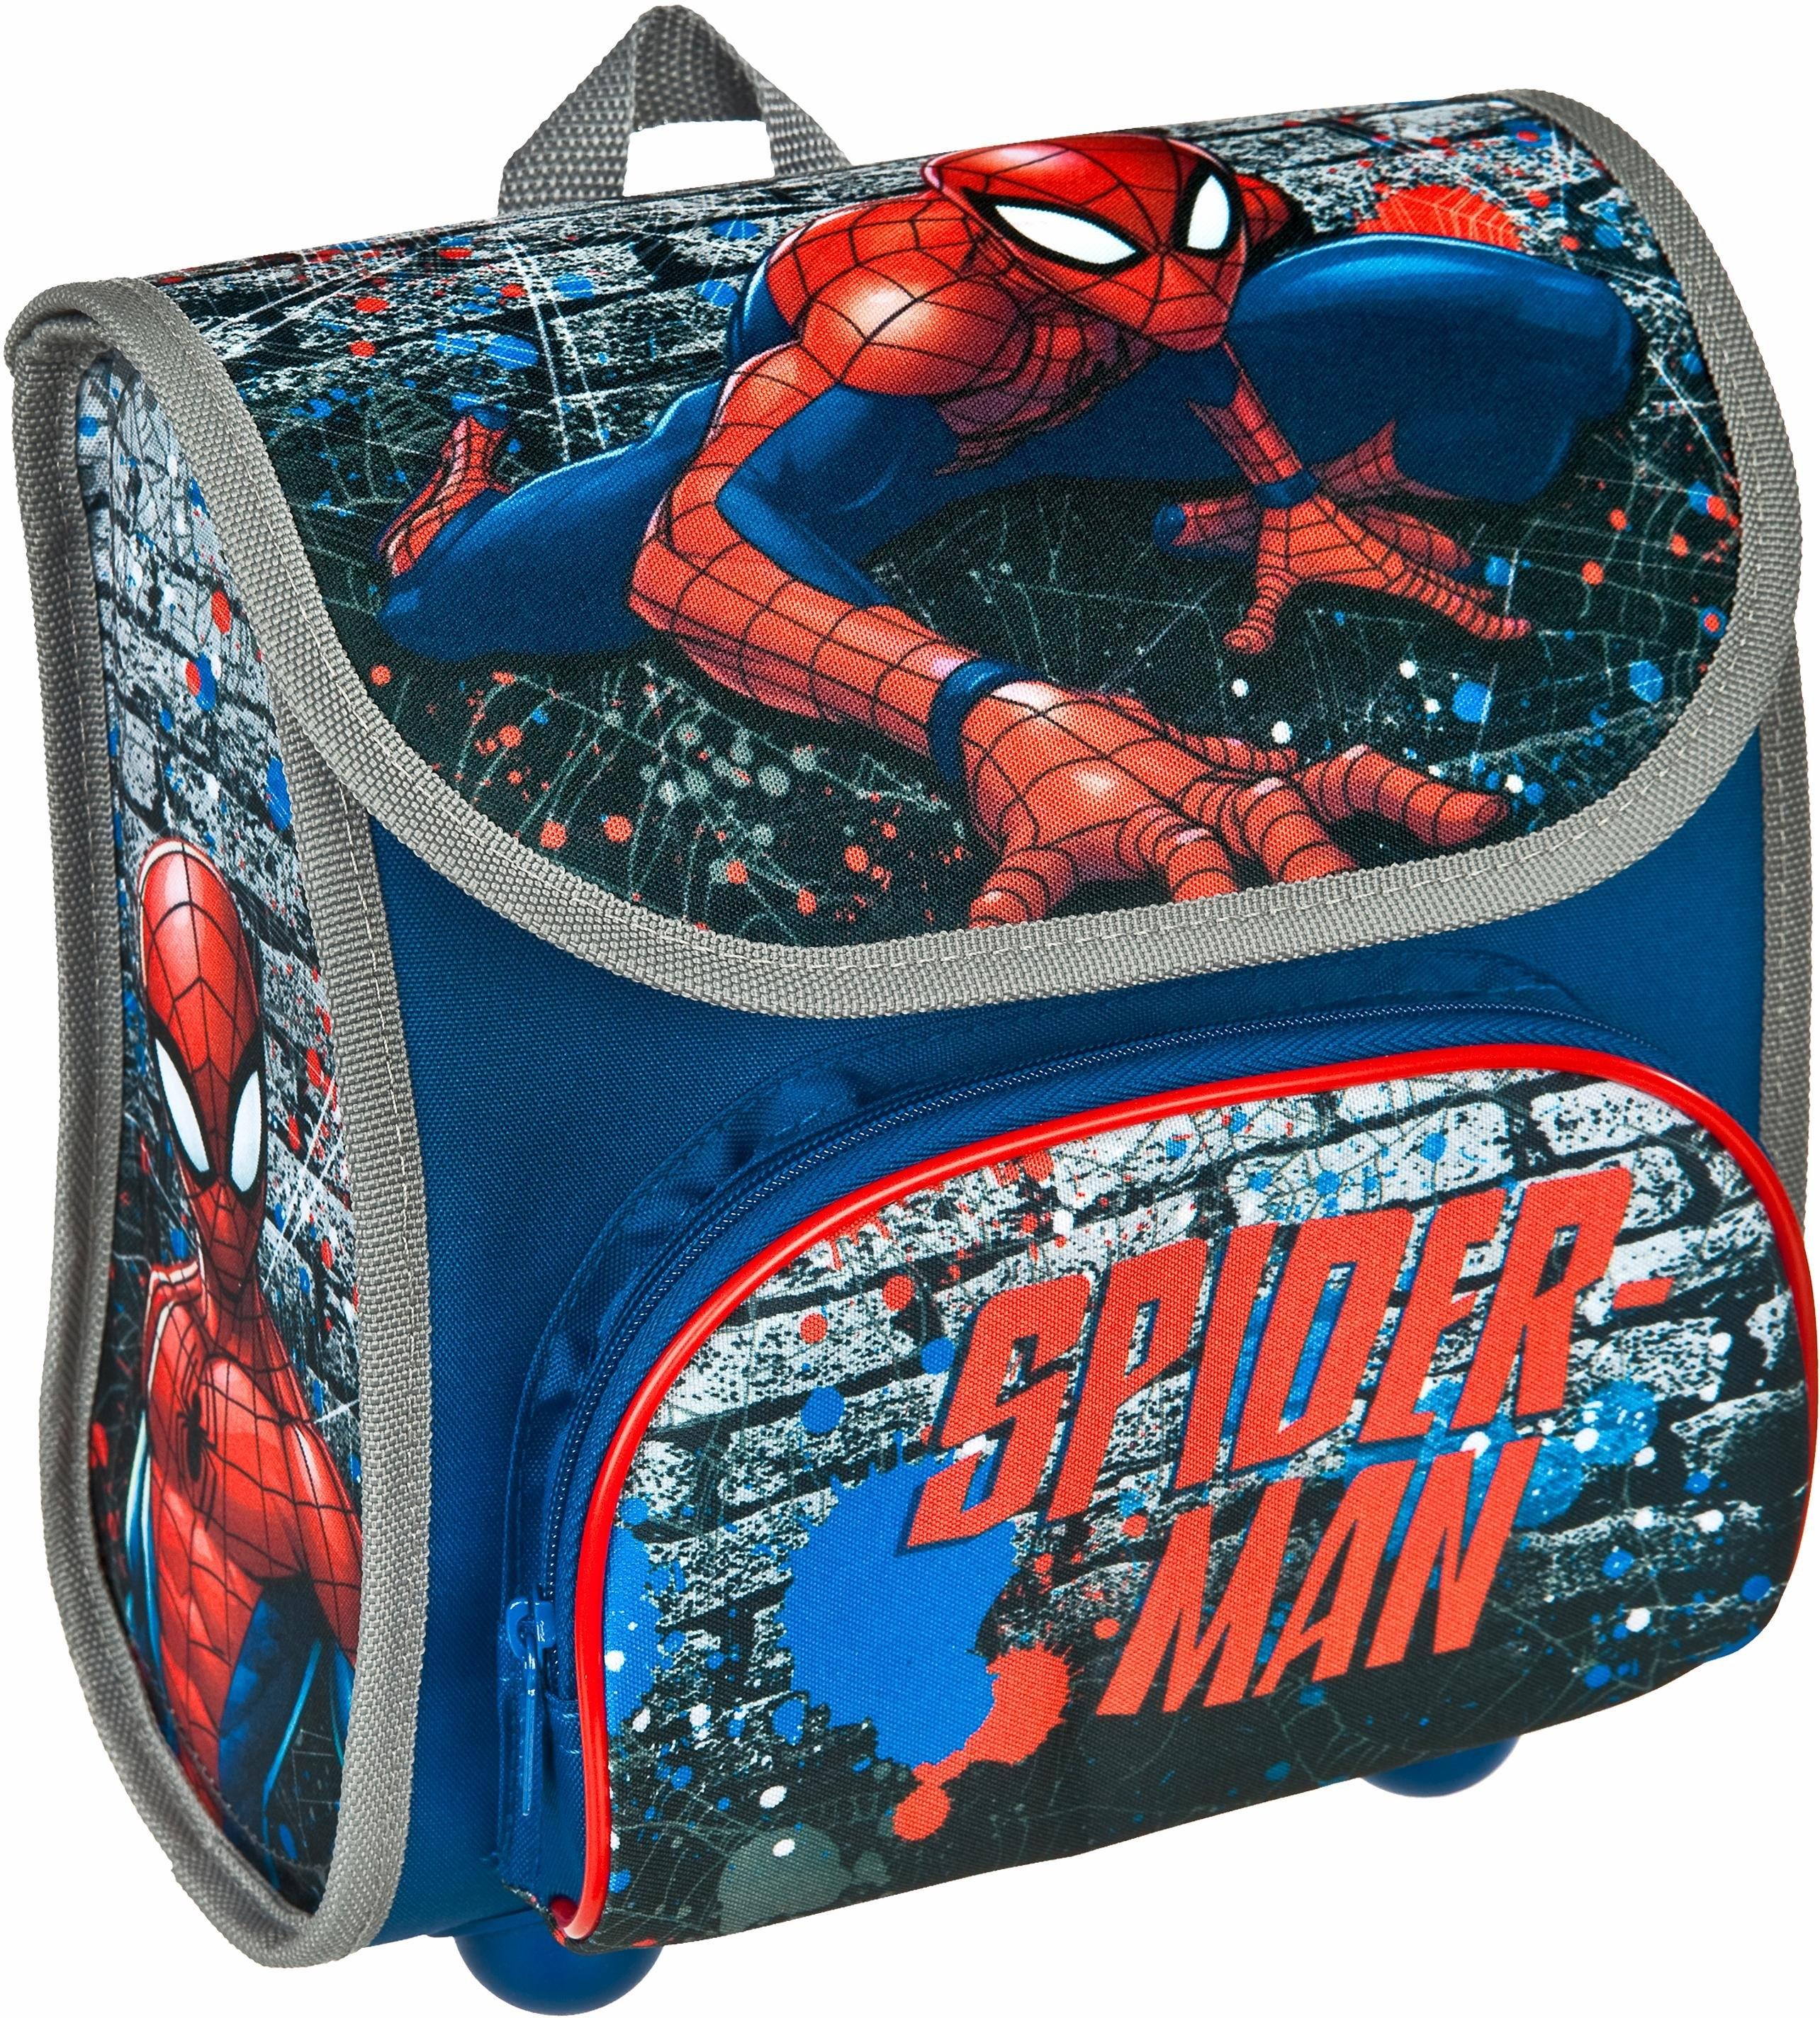 Scooli kinderschooltas, »Cutie Spiderman« nu online kopen bij OTTO